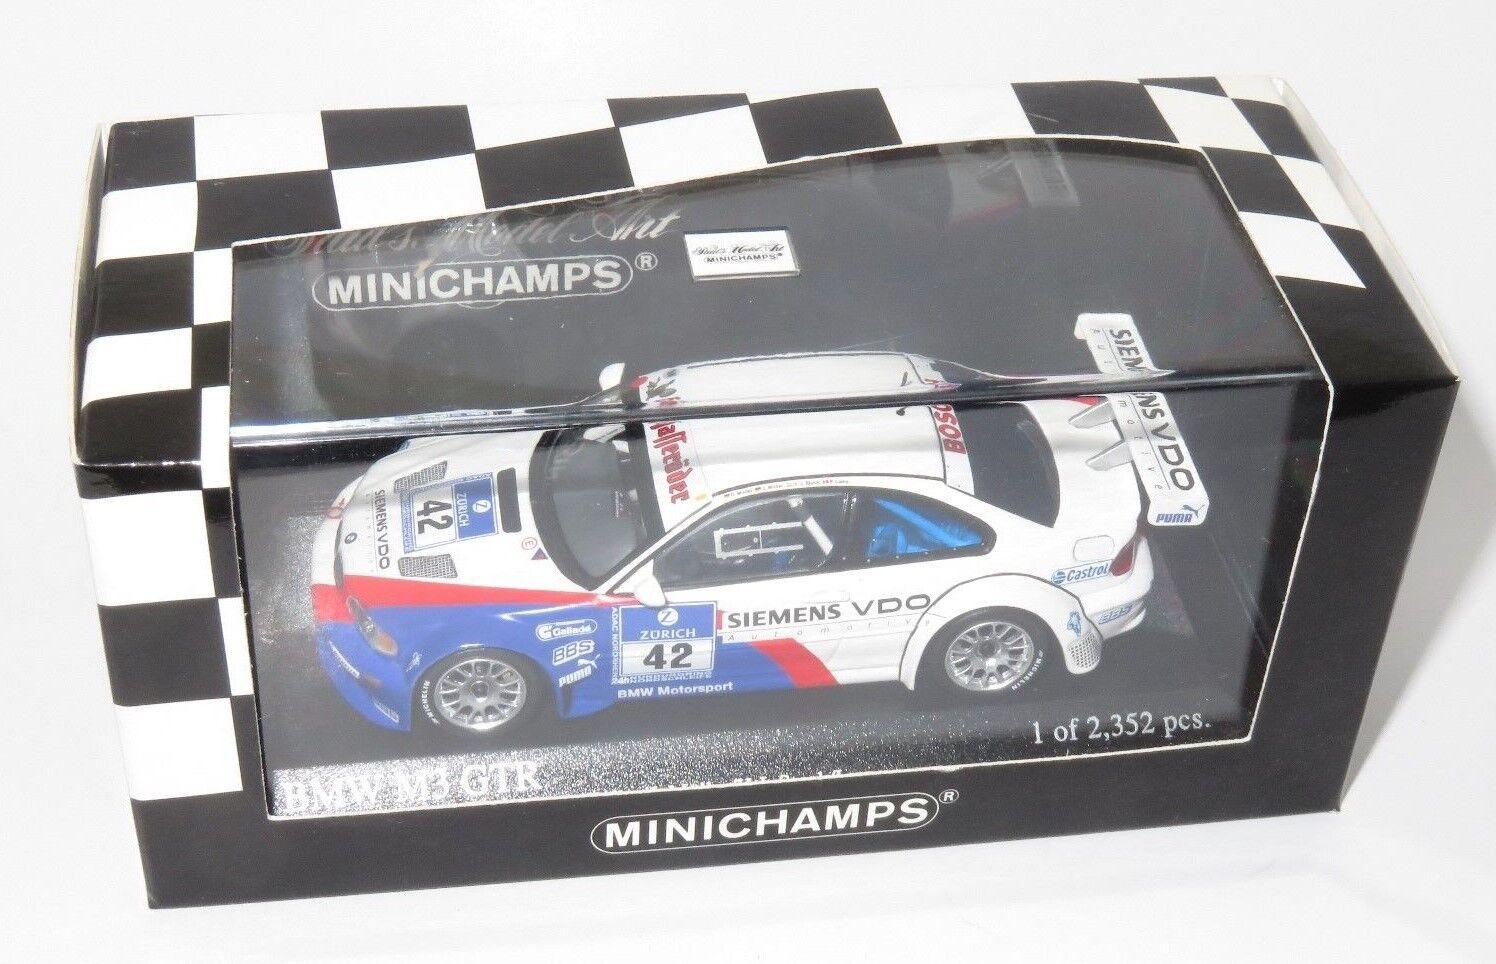 BMW M3 GTR ADAC 24 ore vincitori 2004 Muller Muller Bloccato Lamy